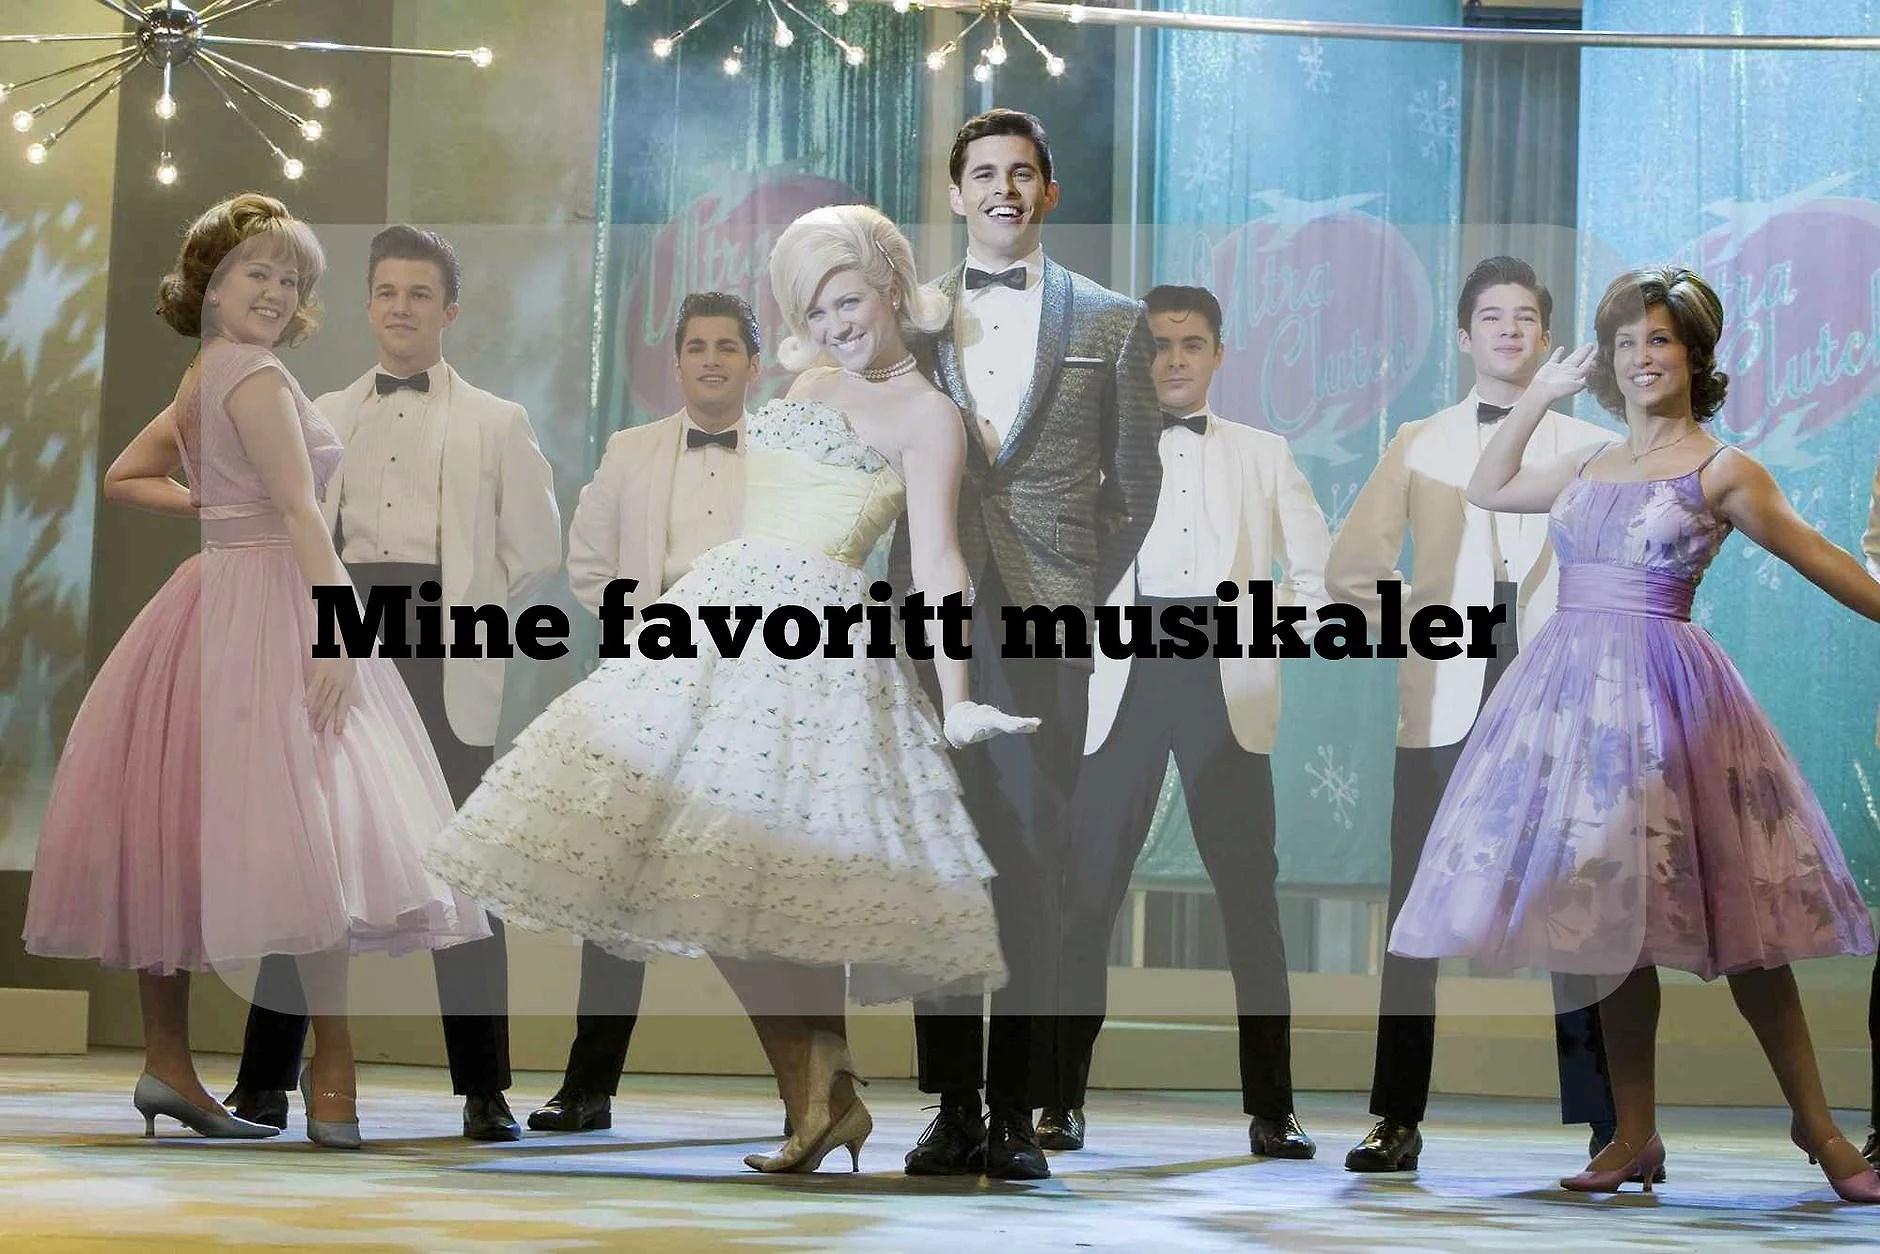 mine favoritt musikaler